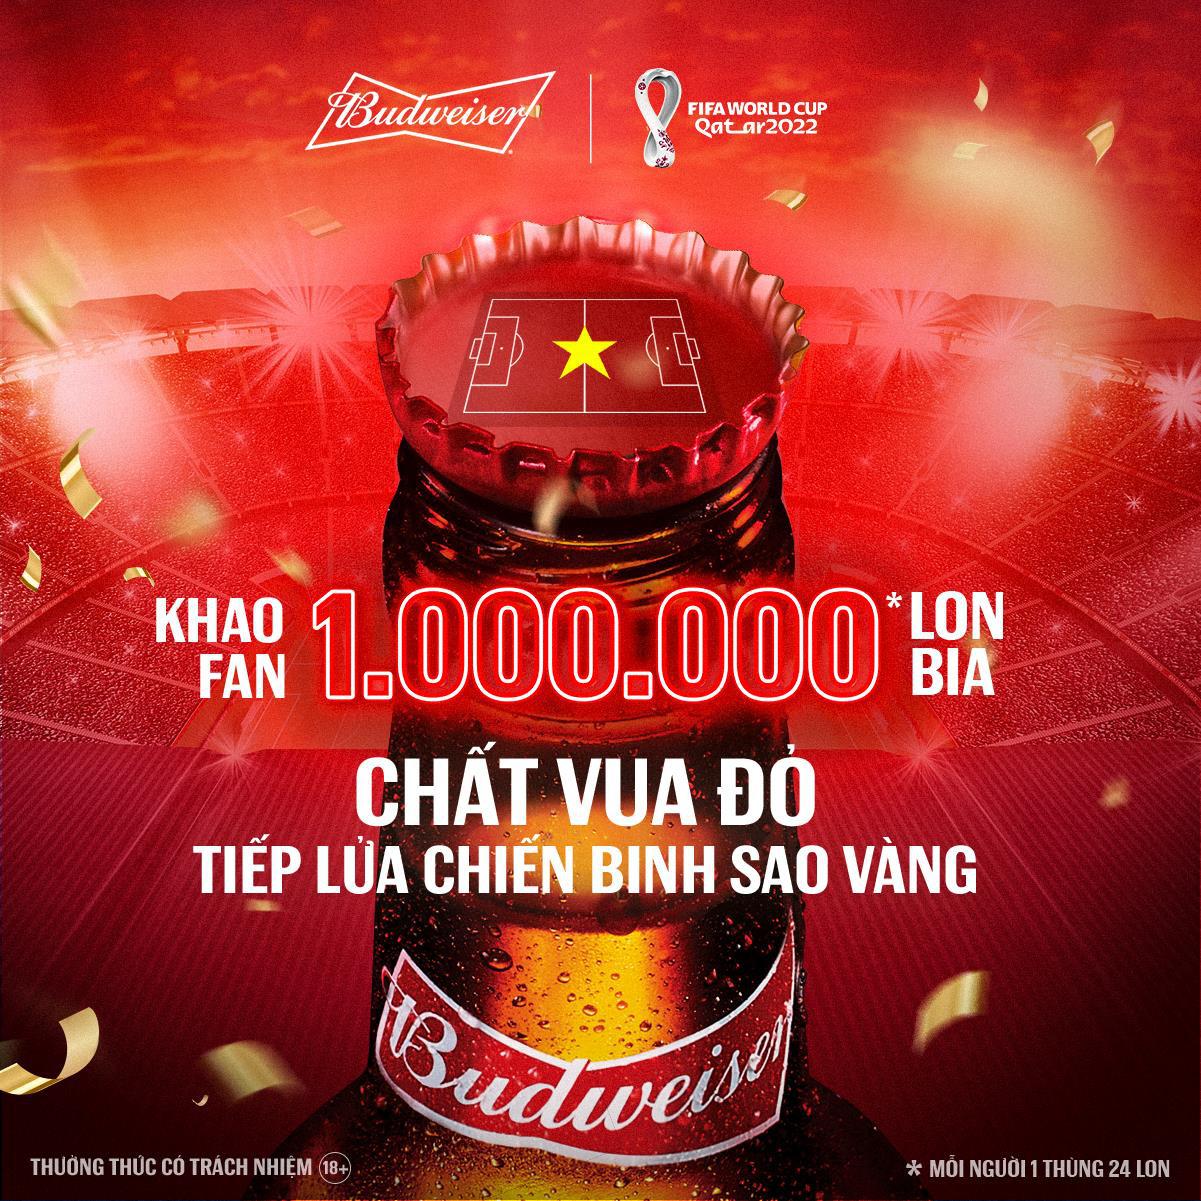 """Chiến binh vàng tạo nên lịch sử - Việt Nam khẳng định tham vọng đến gần hơn """"Giấc mơ World Cup"""" - Ảnh 4."""